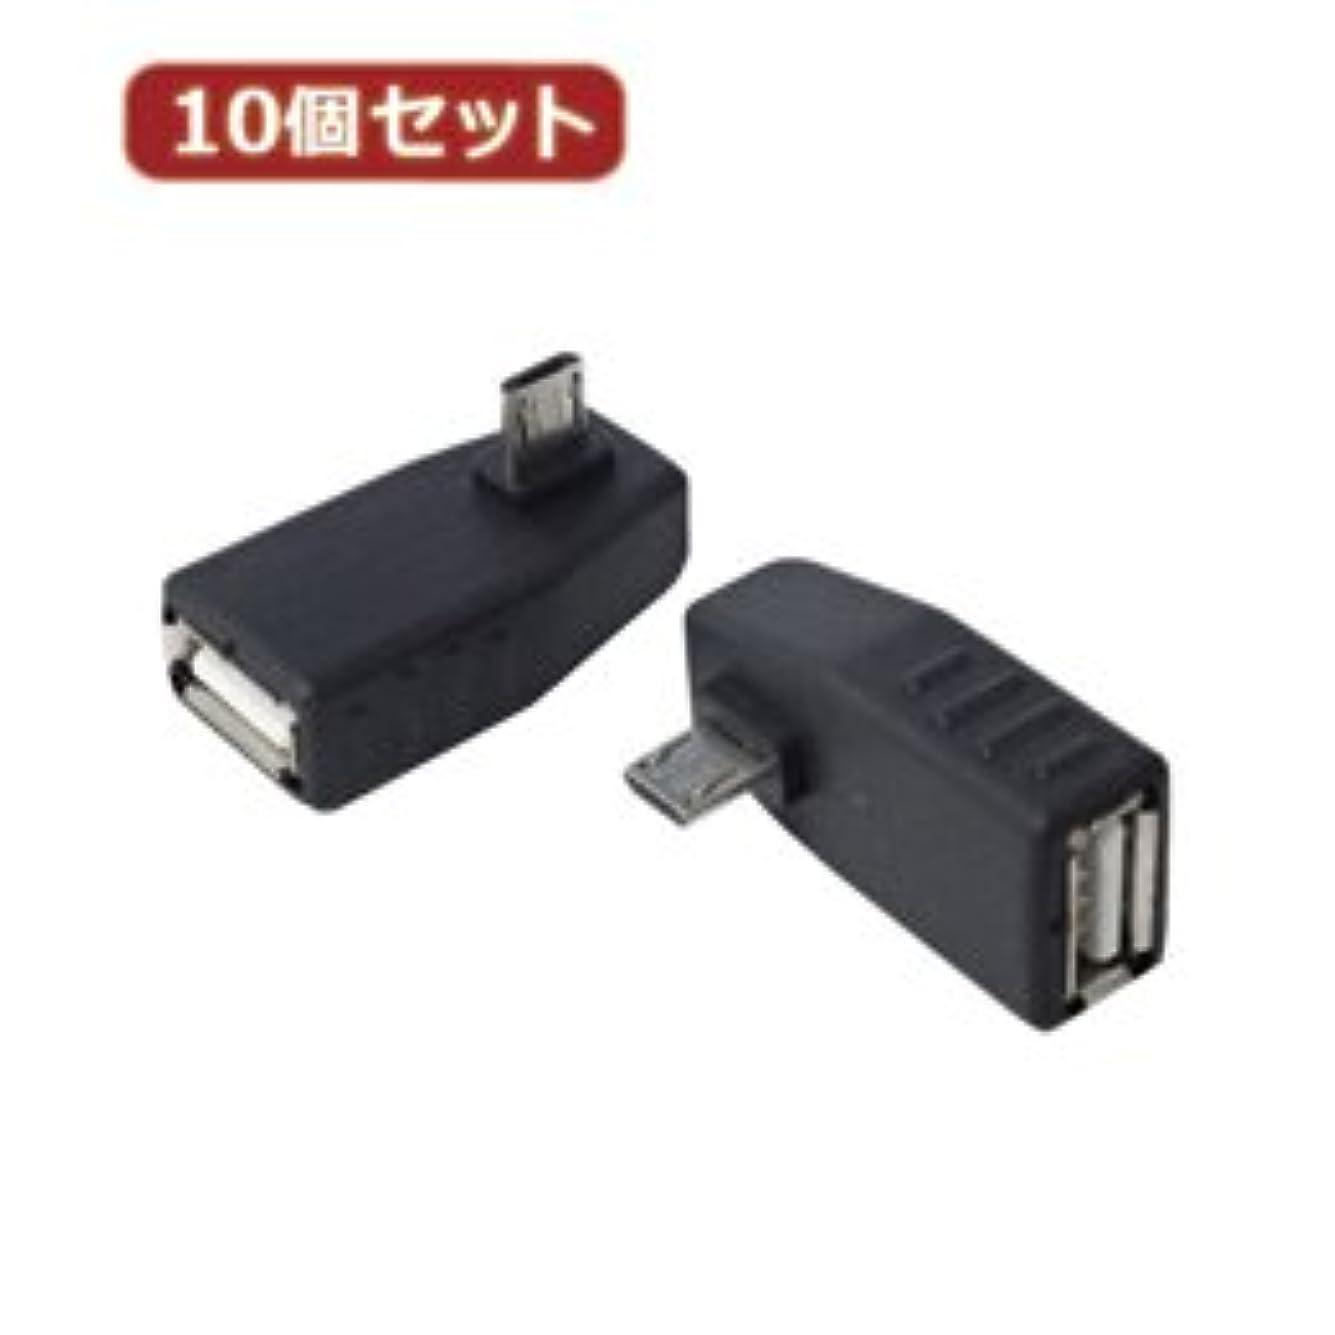 敵意祝福するに同意する【まとめ 4セット】 変換名人 10個セット 変換プラグ microHOST 左L型 USBMCH-LLX10